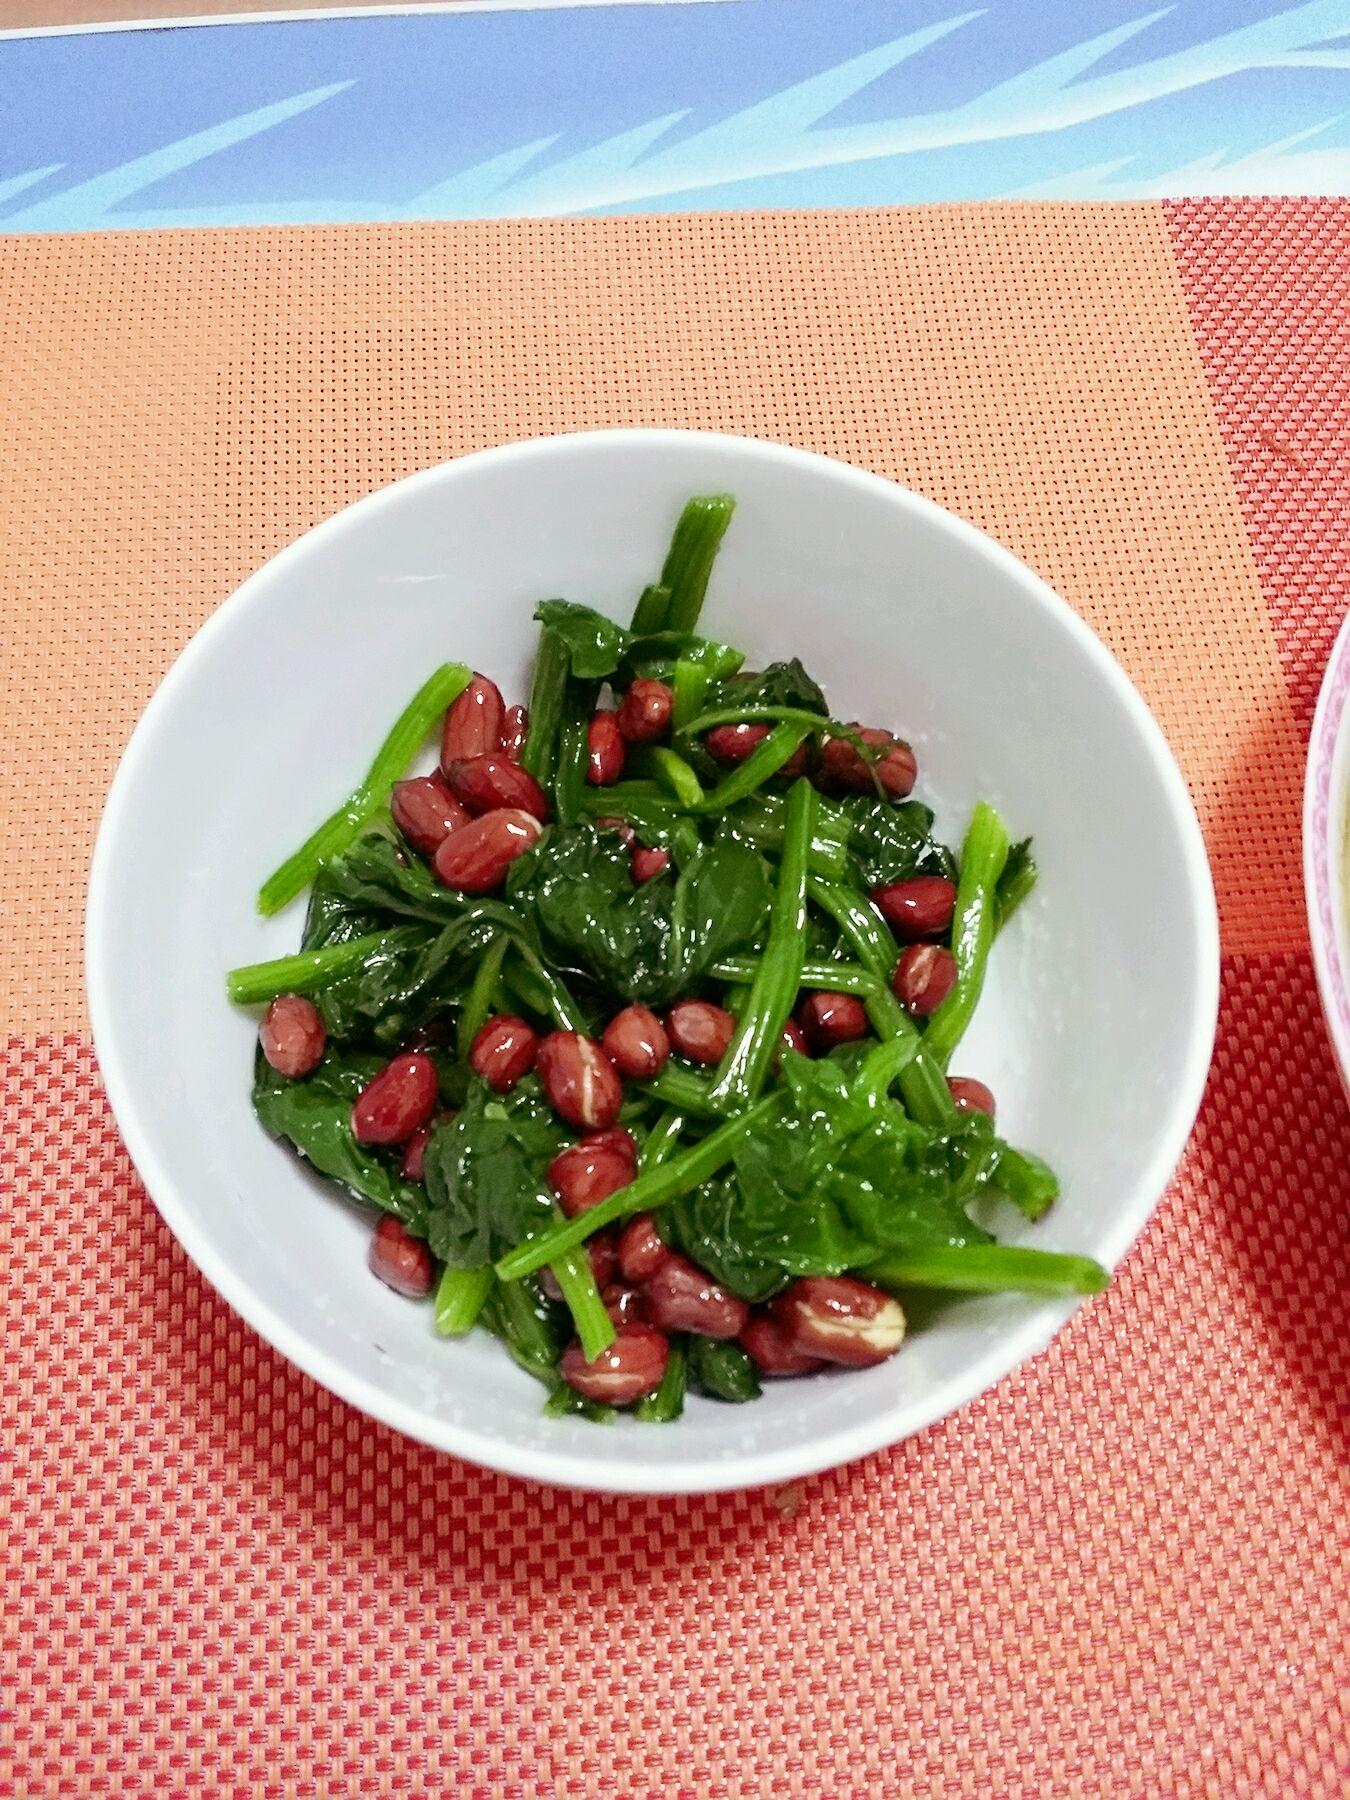 土豆块的做法大全_果仁菠菜怎么做_果仁菠菜的做法_豆果美食